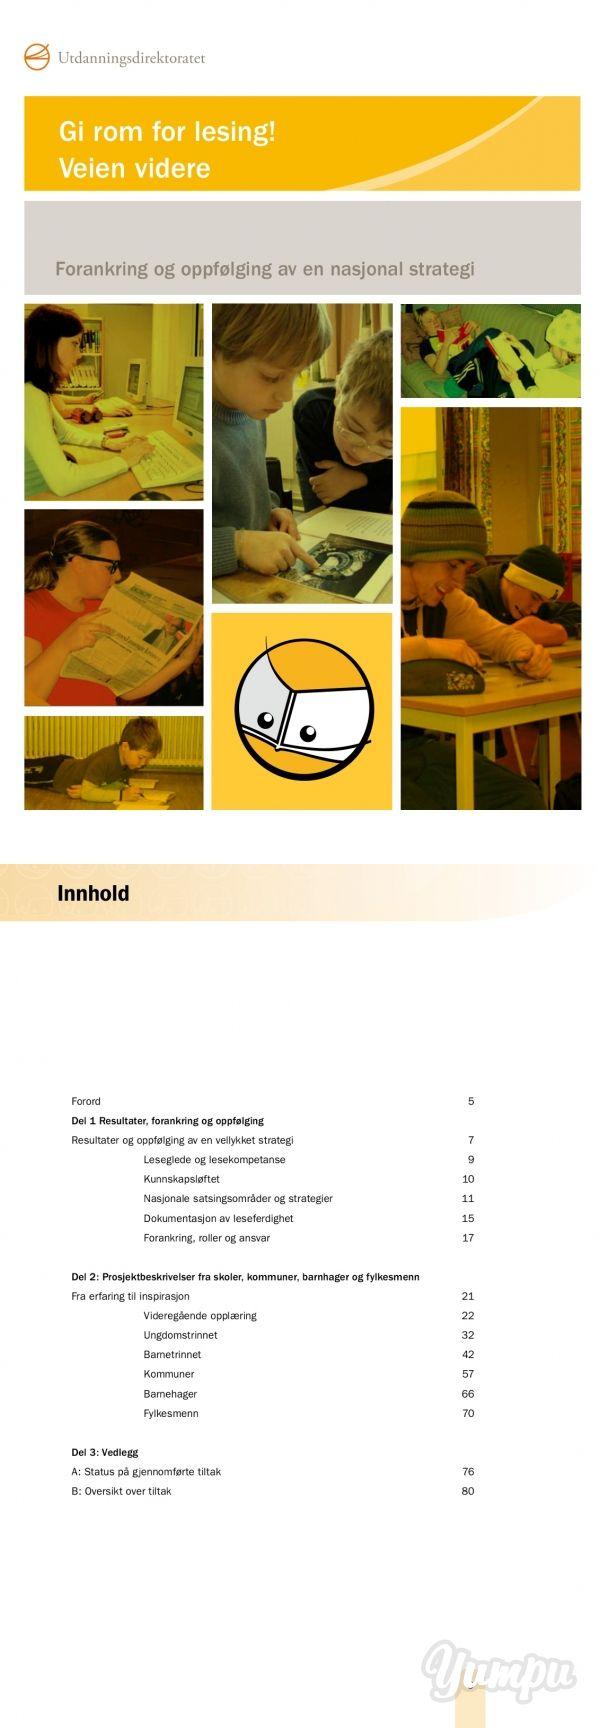 Gi rom for lesing! Veien videre - Udir.no - Magazine with 79 pages: Gi rom for lesing! Veien videre - Udir.no